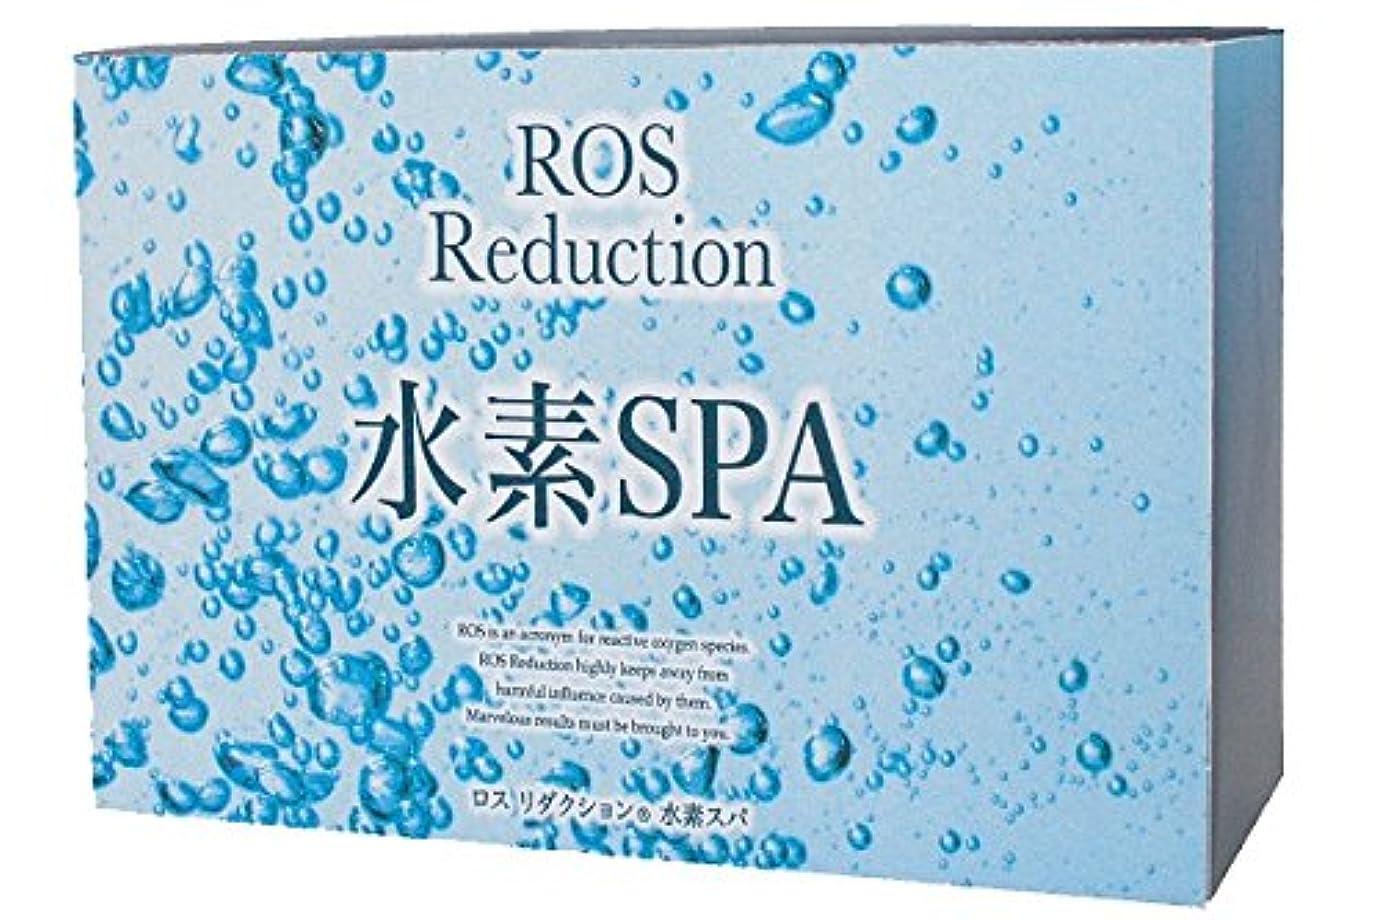 レイア弱いメンテナンスお得な6箱セット トップクラスの高濃度水素入浴剤 ロスリダクション 水素SPA (50g×5包)